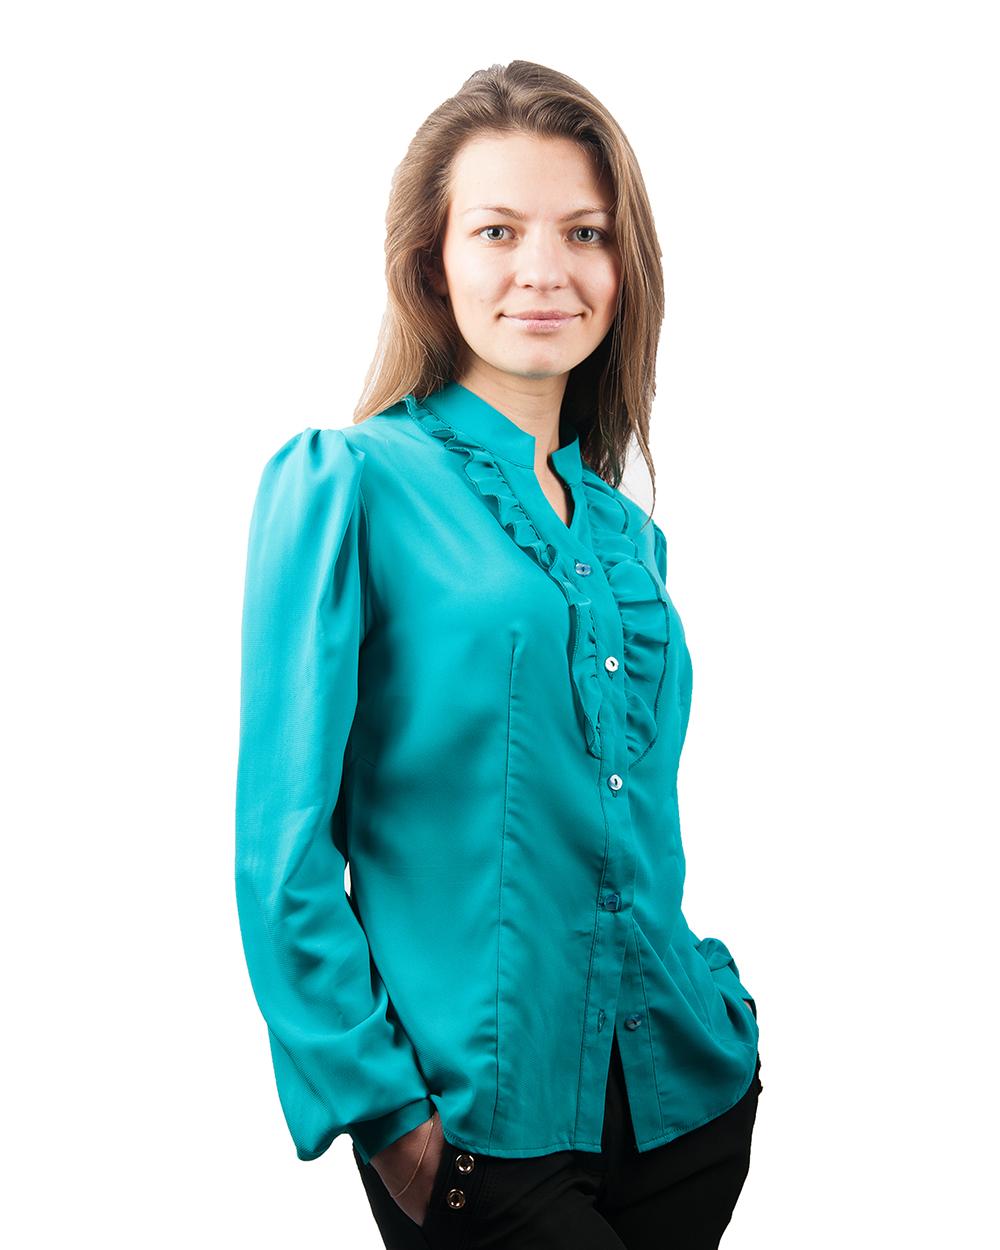 Бирюзовая Блузка Купить С Доставкой